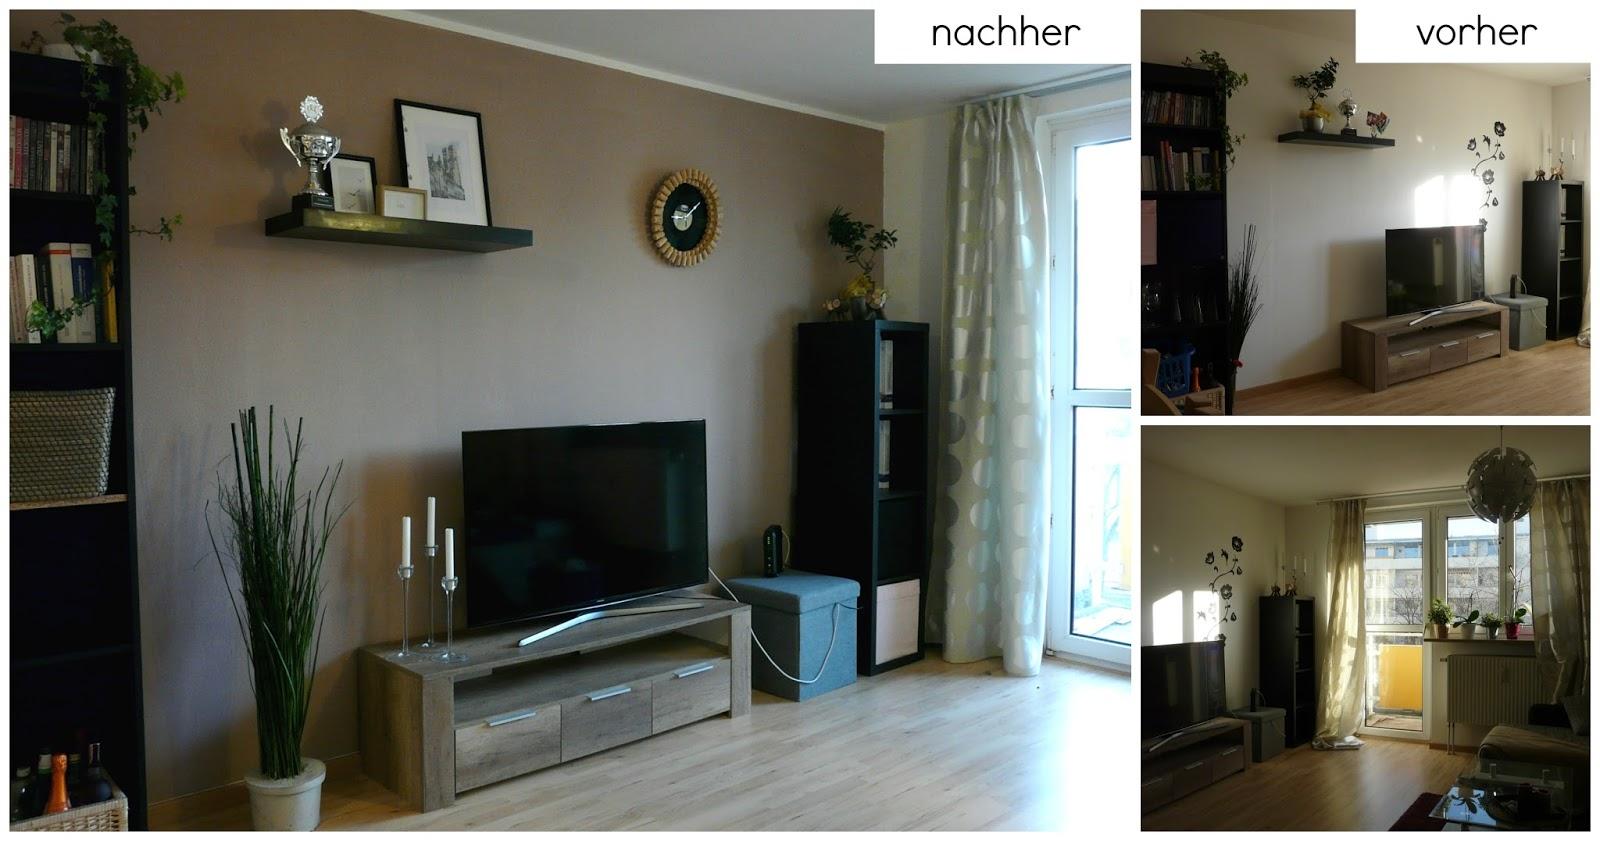 Dekoelement: Pimp your Wohnzimmer! Neuer Look mit einfachen Mitteln